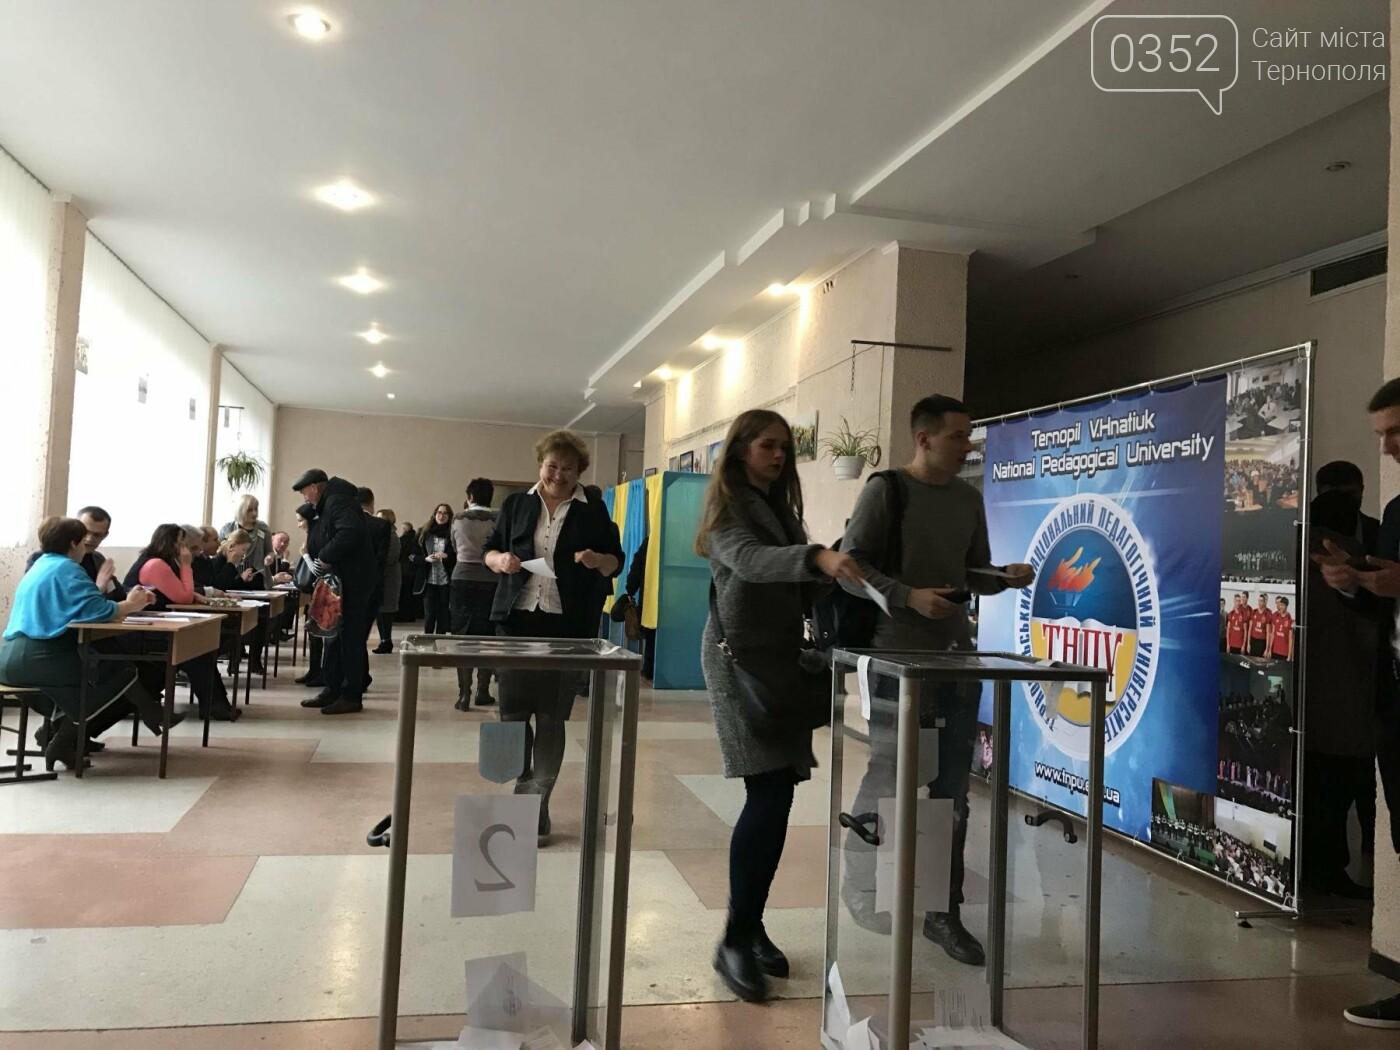 У Тернополі сьогодні відбуваються вибори (Фото), фото-2